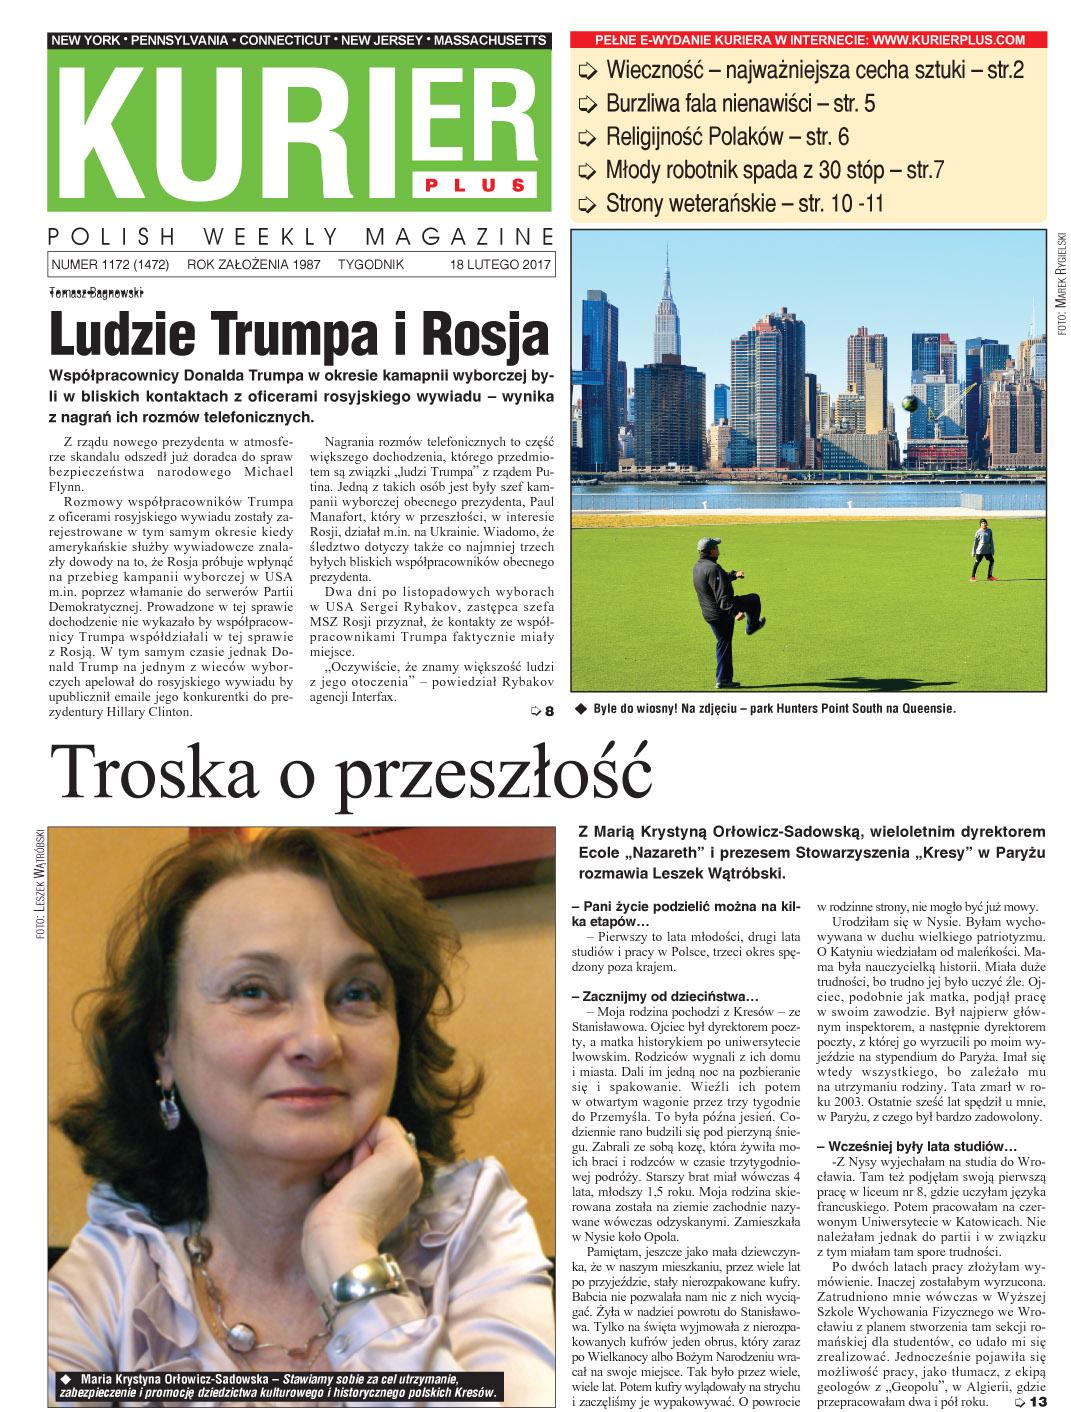 Kurier Plus - e-wydanie 18 lutego 2017